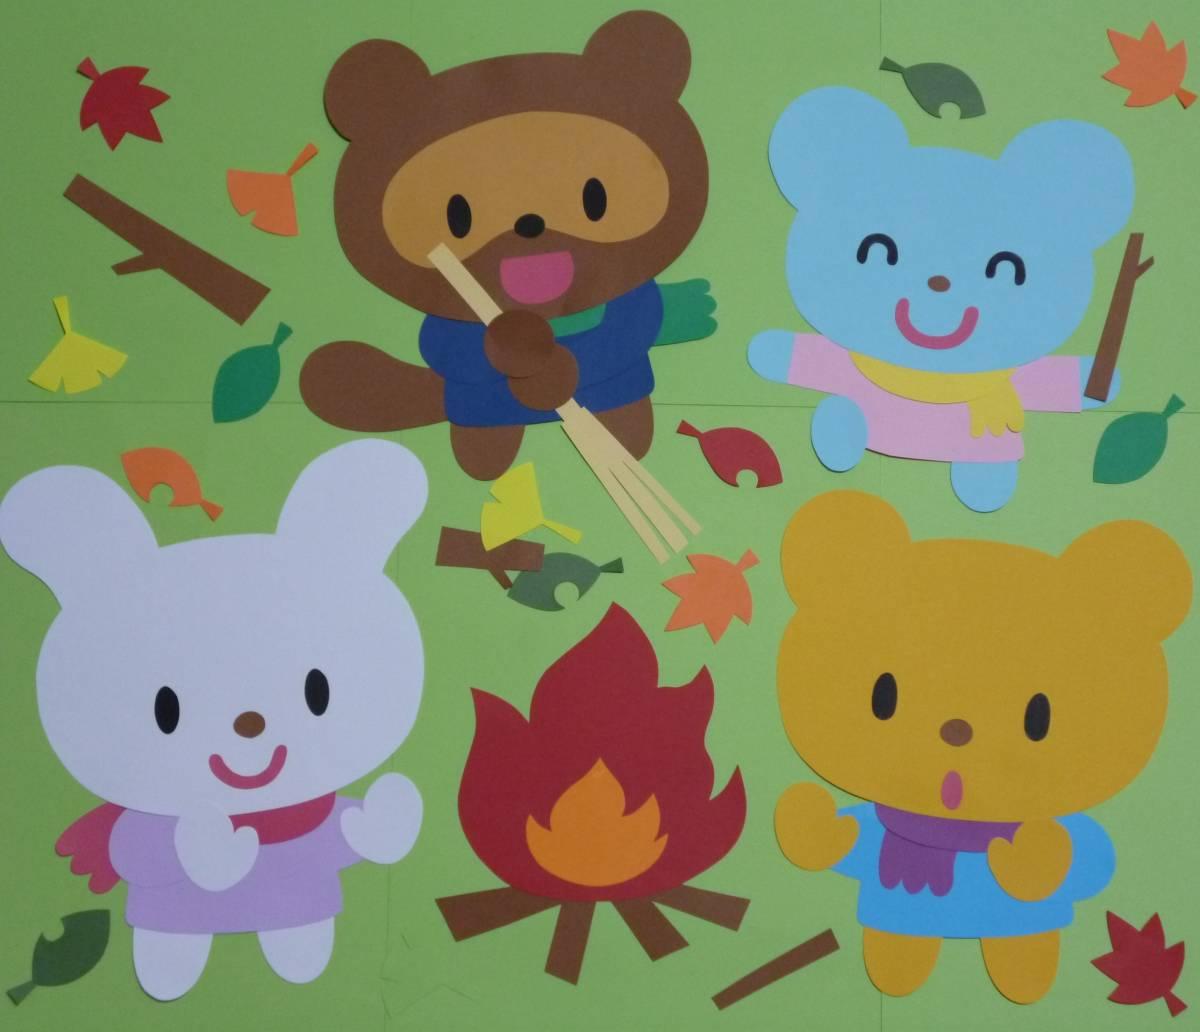 冬の壁面飾り「あったかいね☆落ち葉の焚き火」幼稚園、保育園、小児科の壁面装飾に…